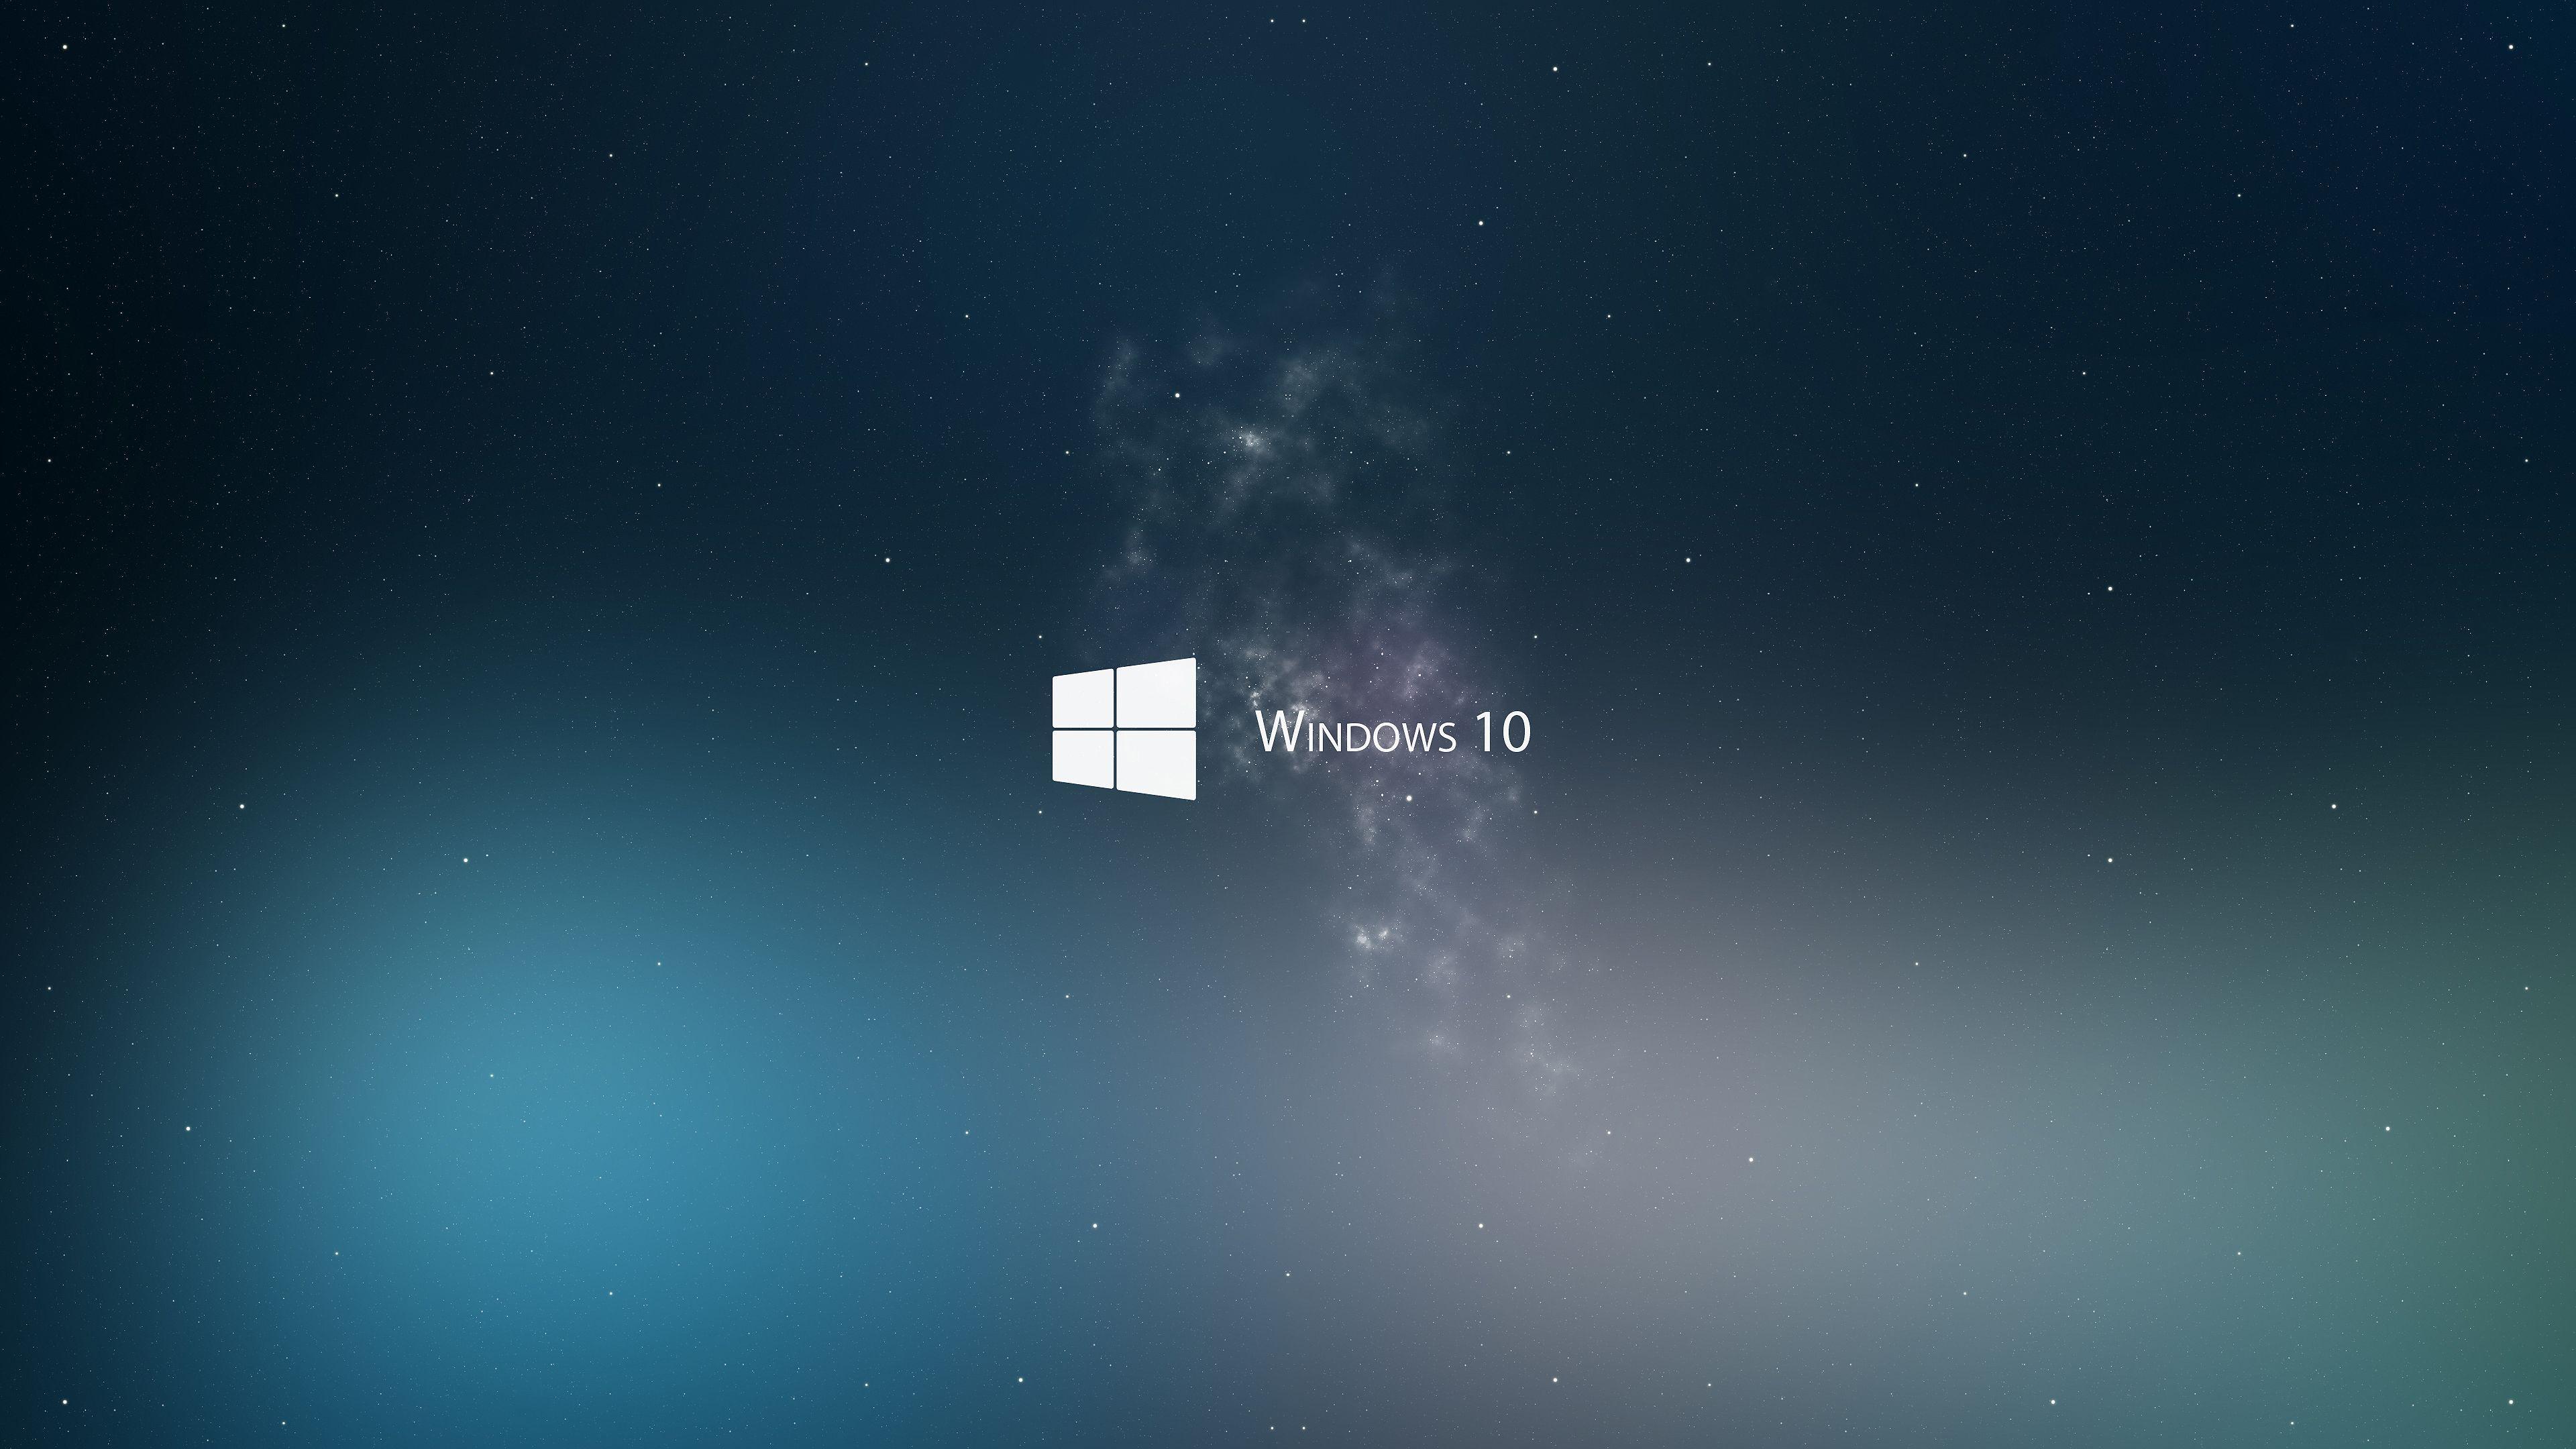 Coole Hintergrundbilder Windows 10